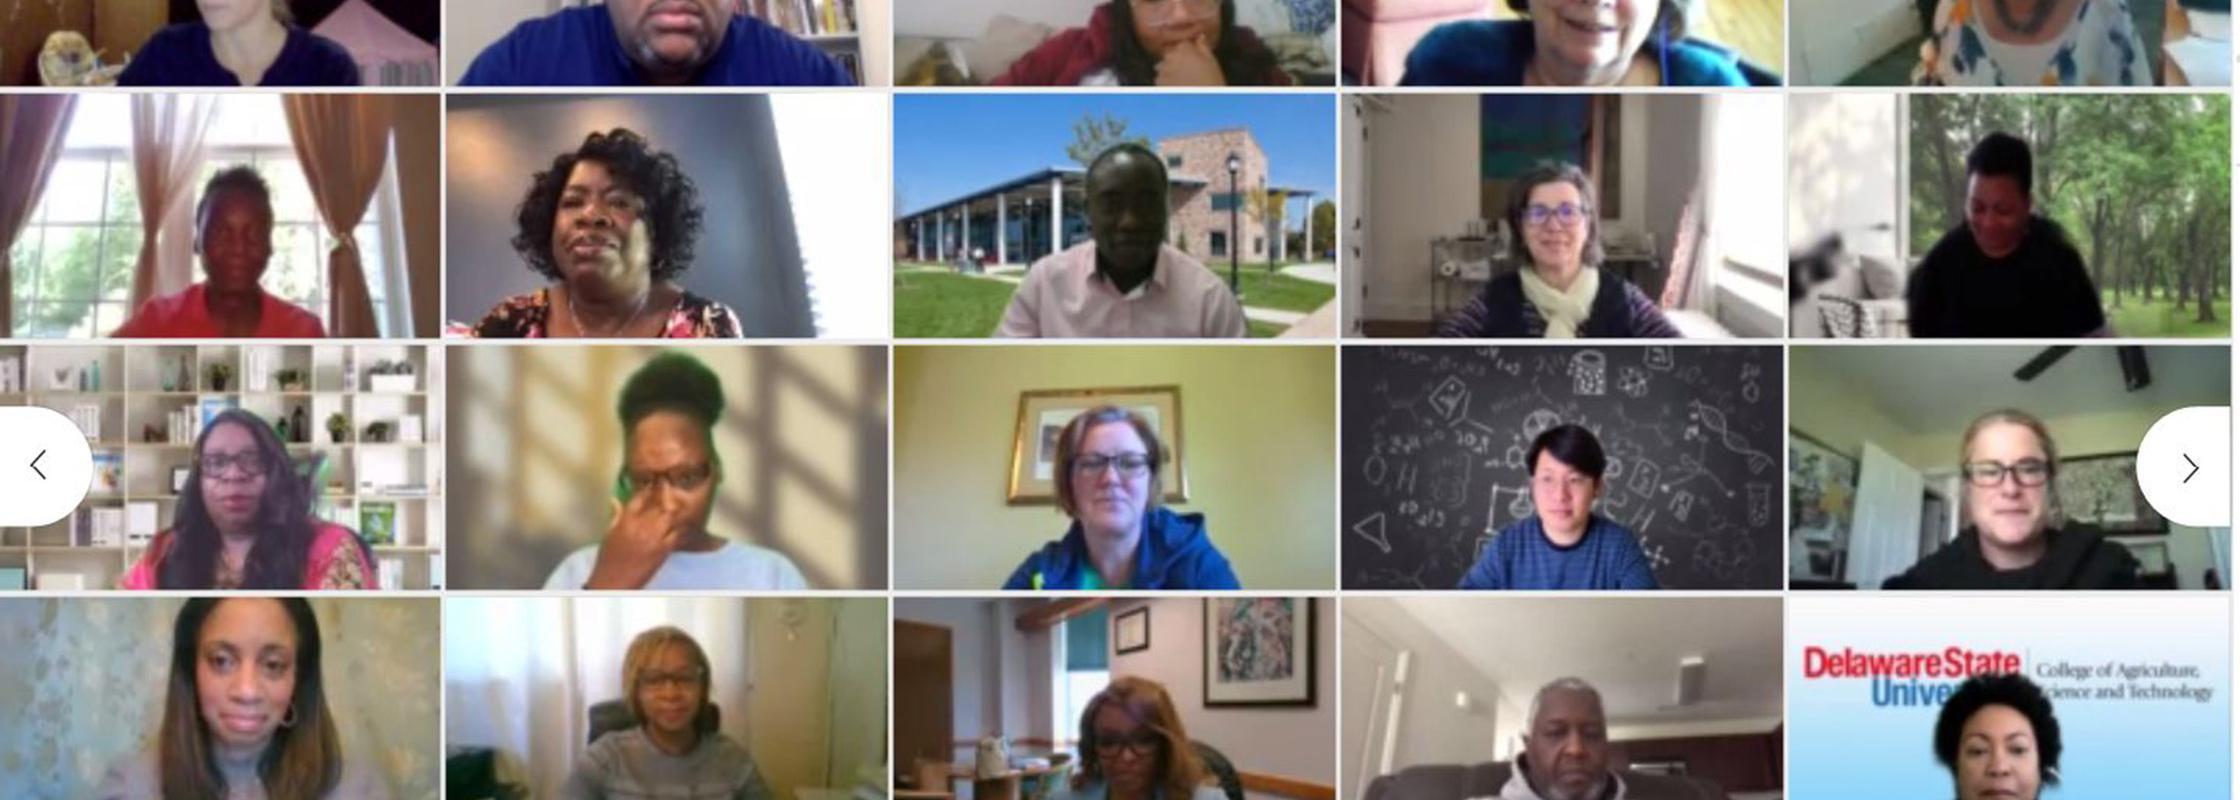 screen shot of webex attendees